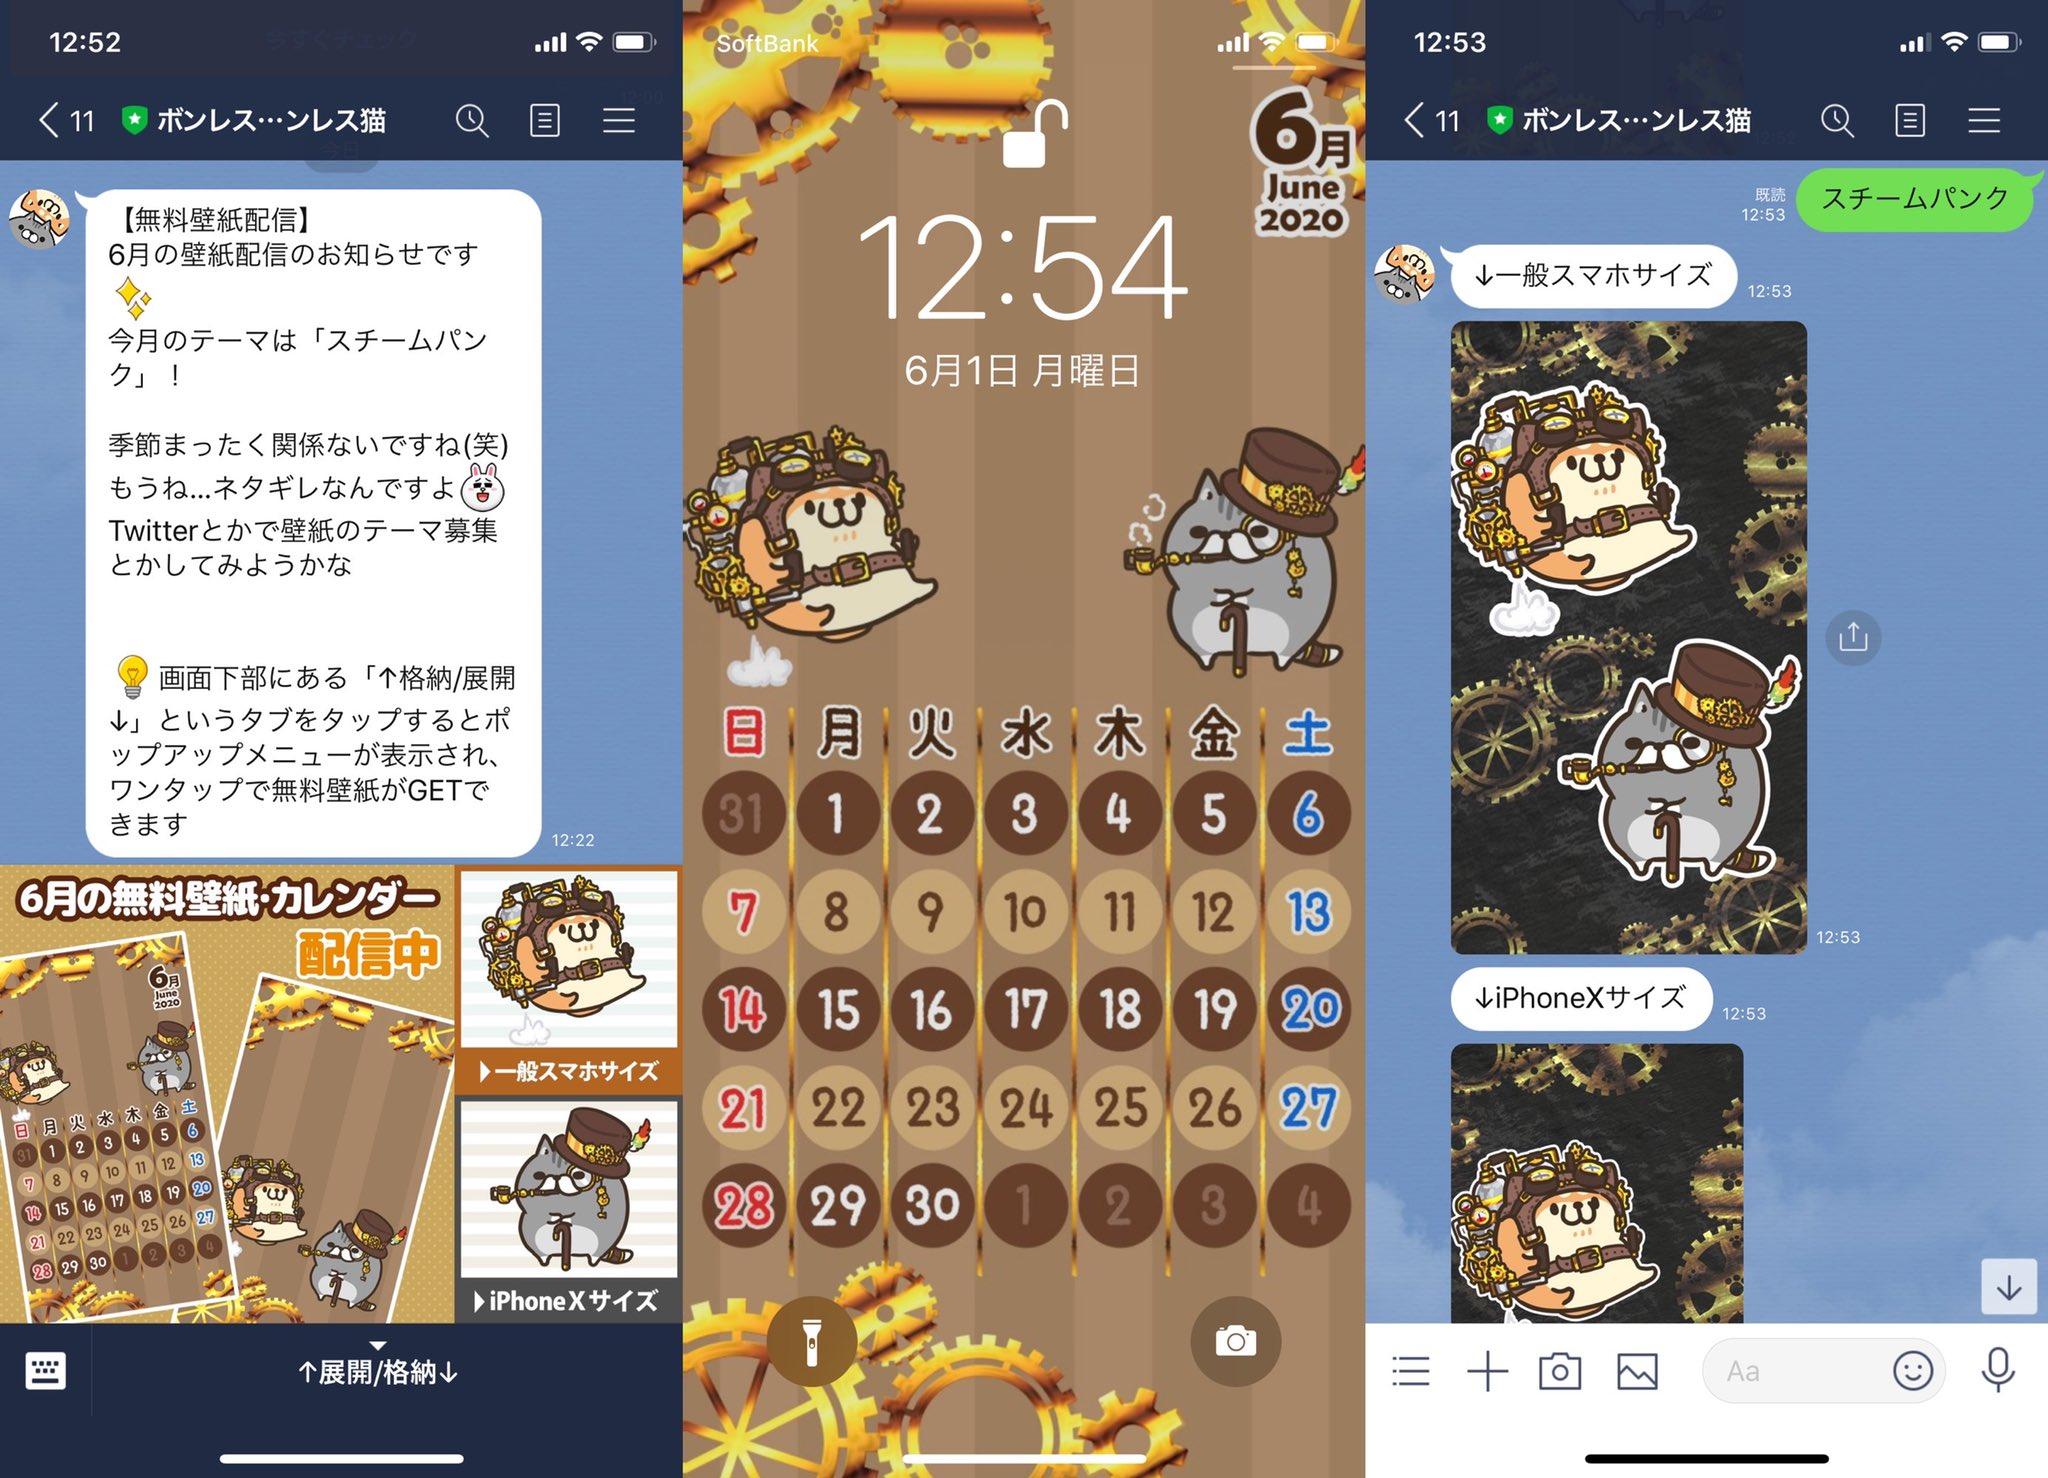 ボンレス犬猫6月の壁紙をiPhone 11 Proにセット(∩´∀`)∩ https://t.co/57JhWL6vXc